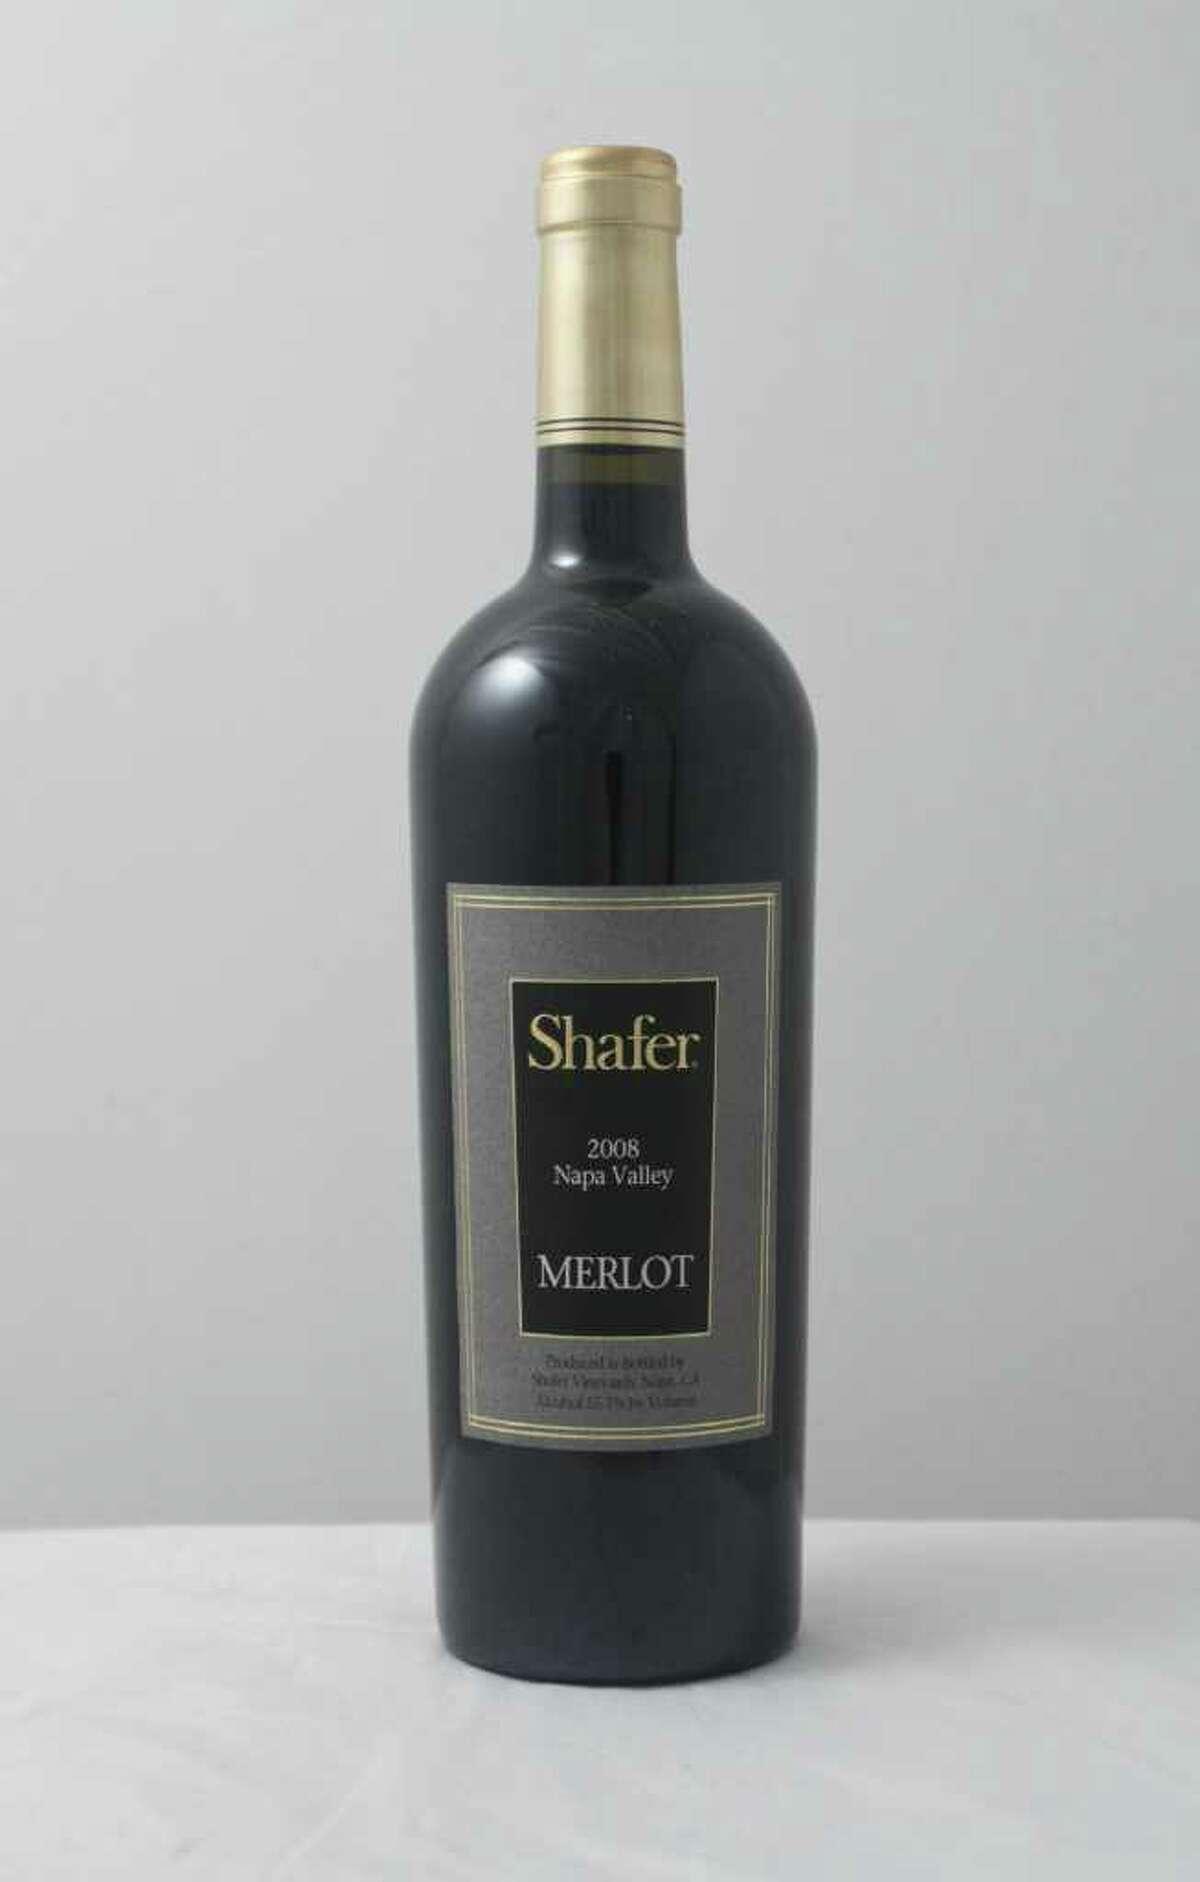 (For the Chronicle/Gary Fountain, February 15, 2012) Shafer 2008 Merlot.